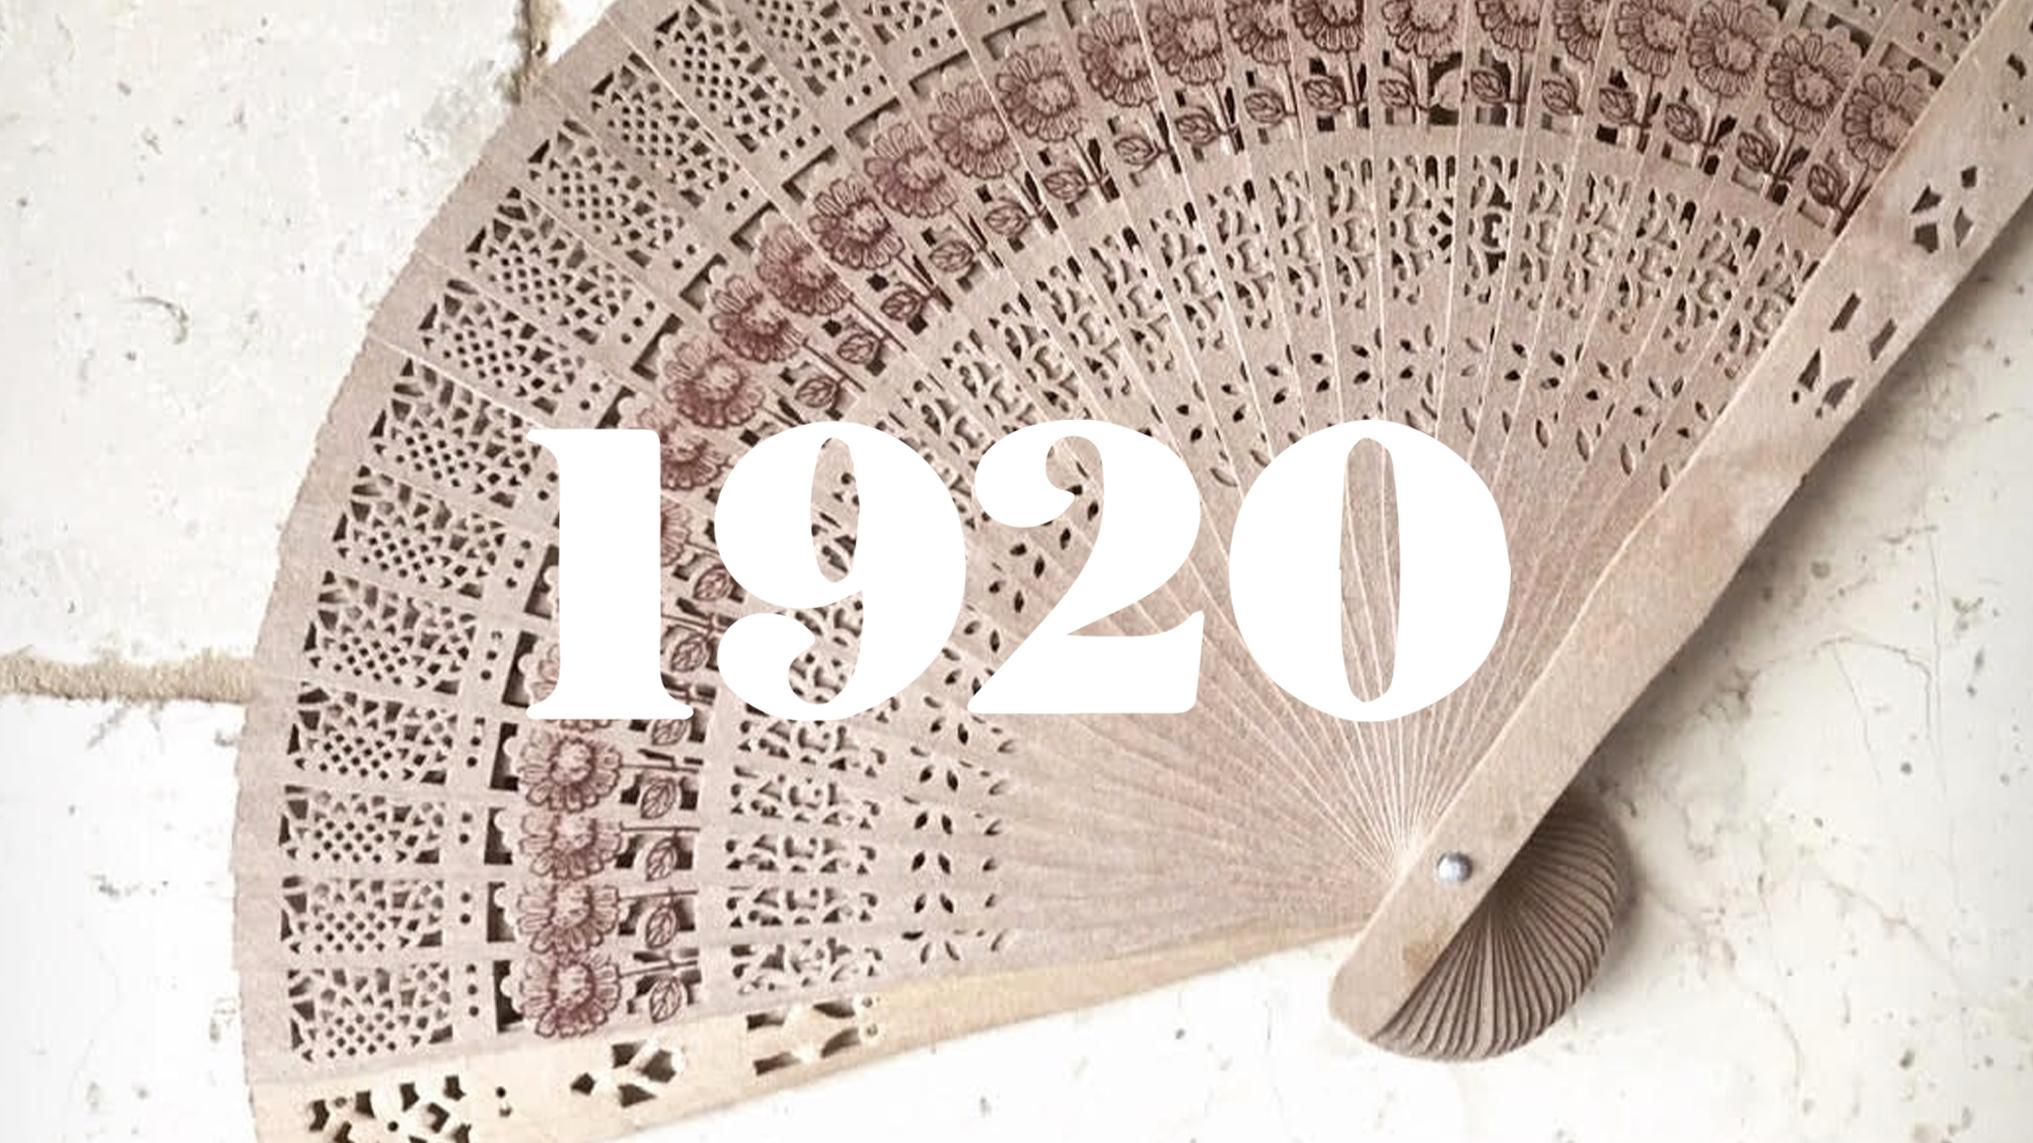 Il logo del brand 1920 Vintage Bridal Salon e un ventaglio oggetto dell'operazione di influencer marketing.